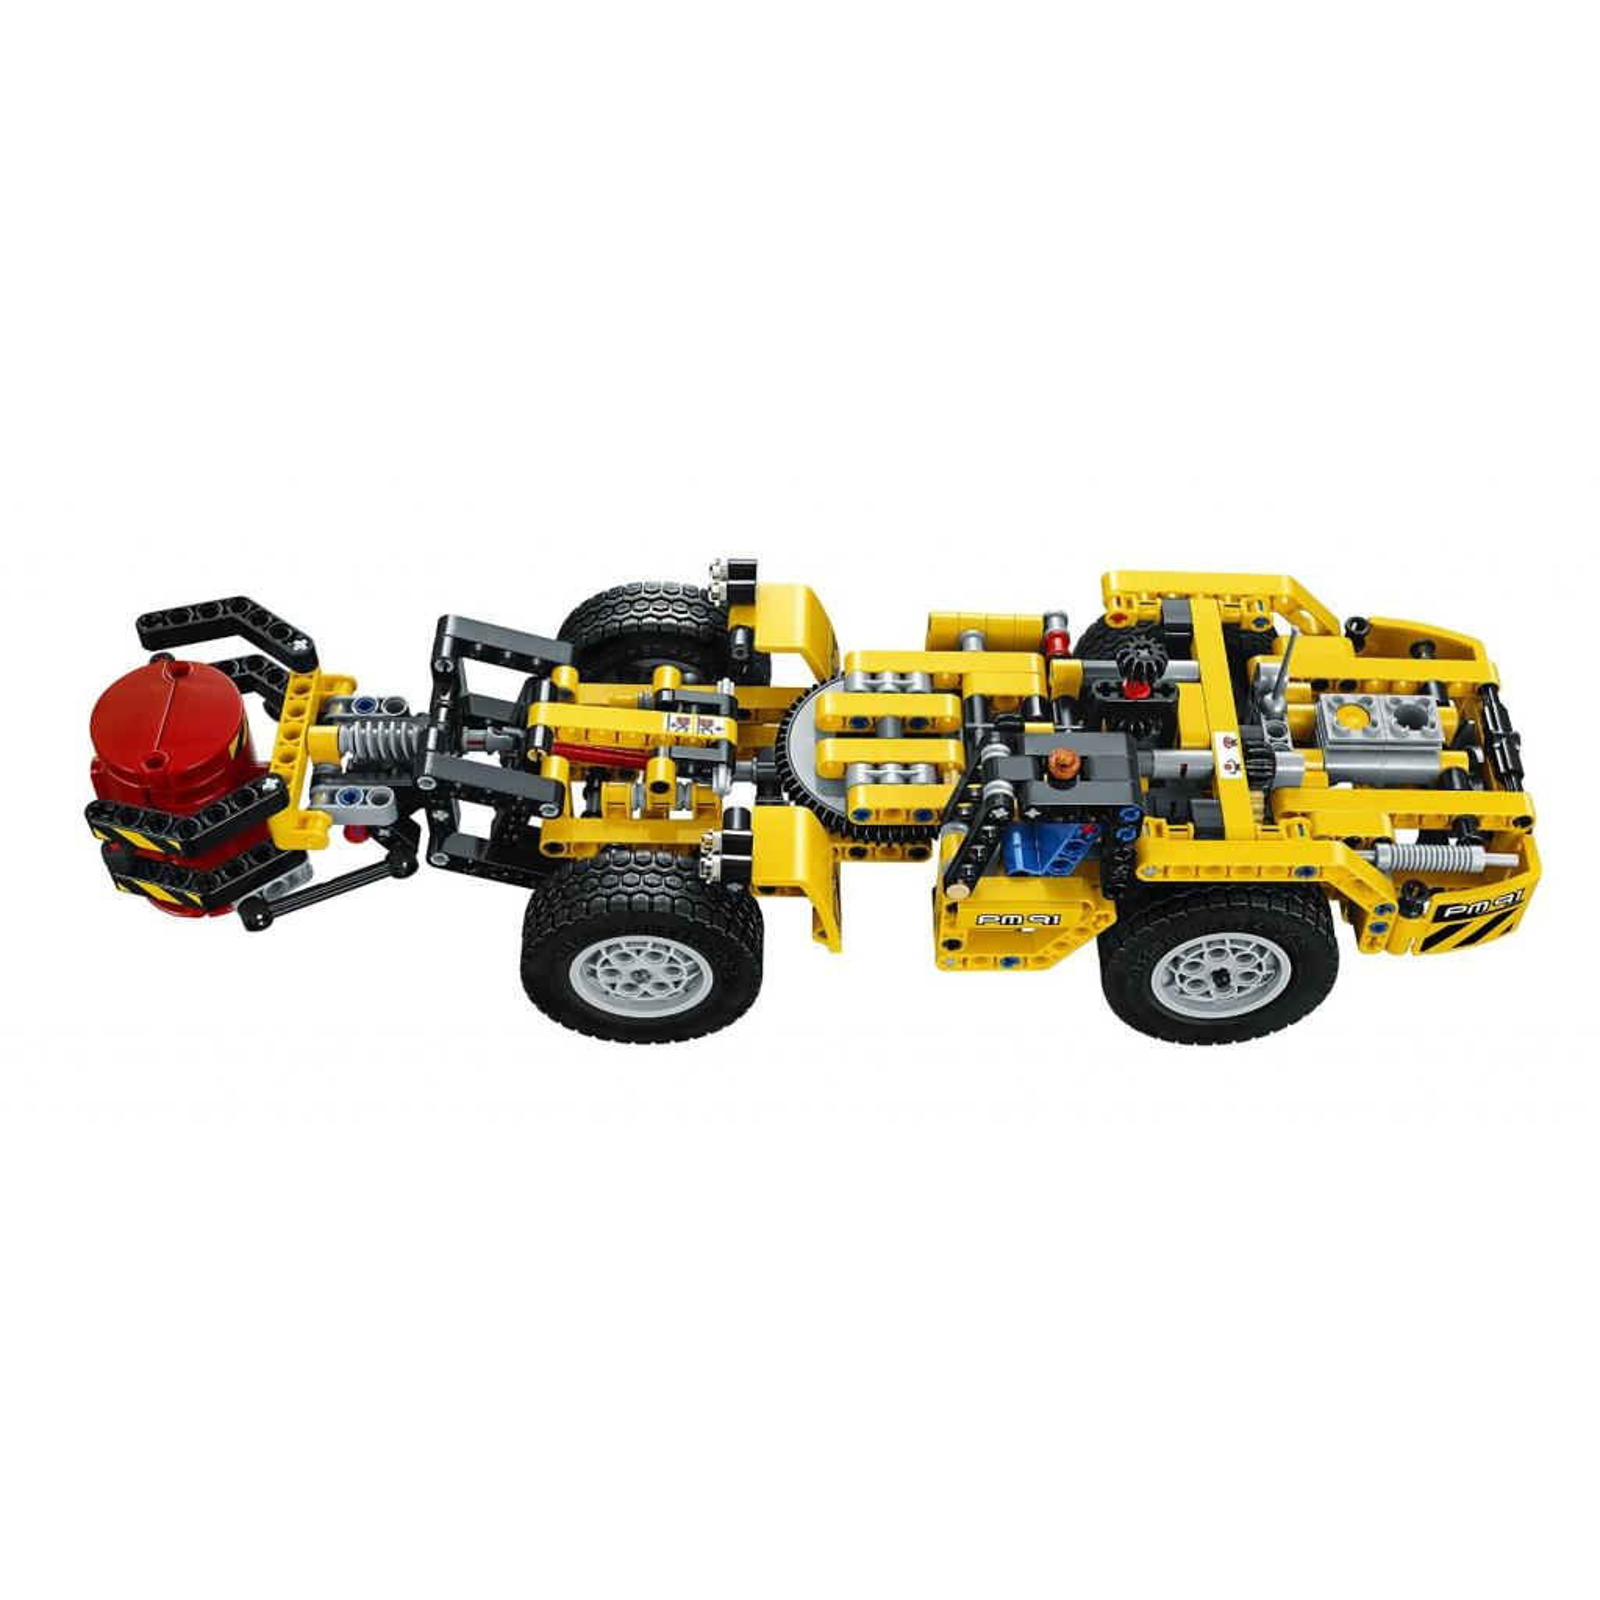 Конструктор LEGO Technic Карьерный погрузчик (42049) изображение 5